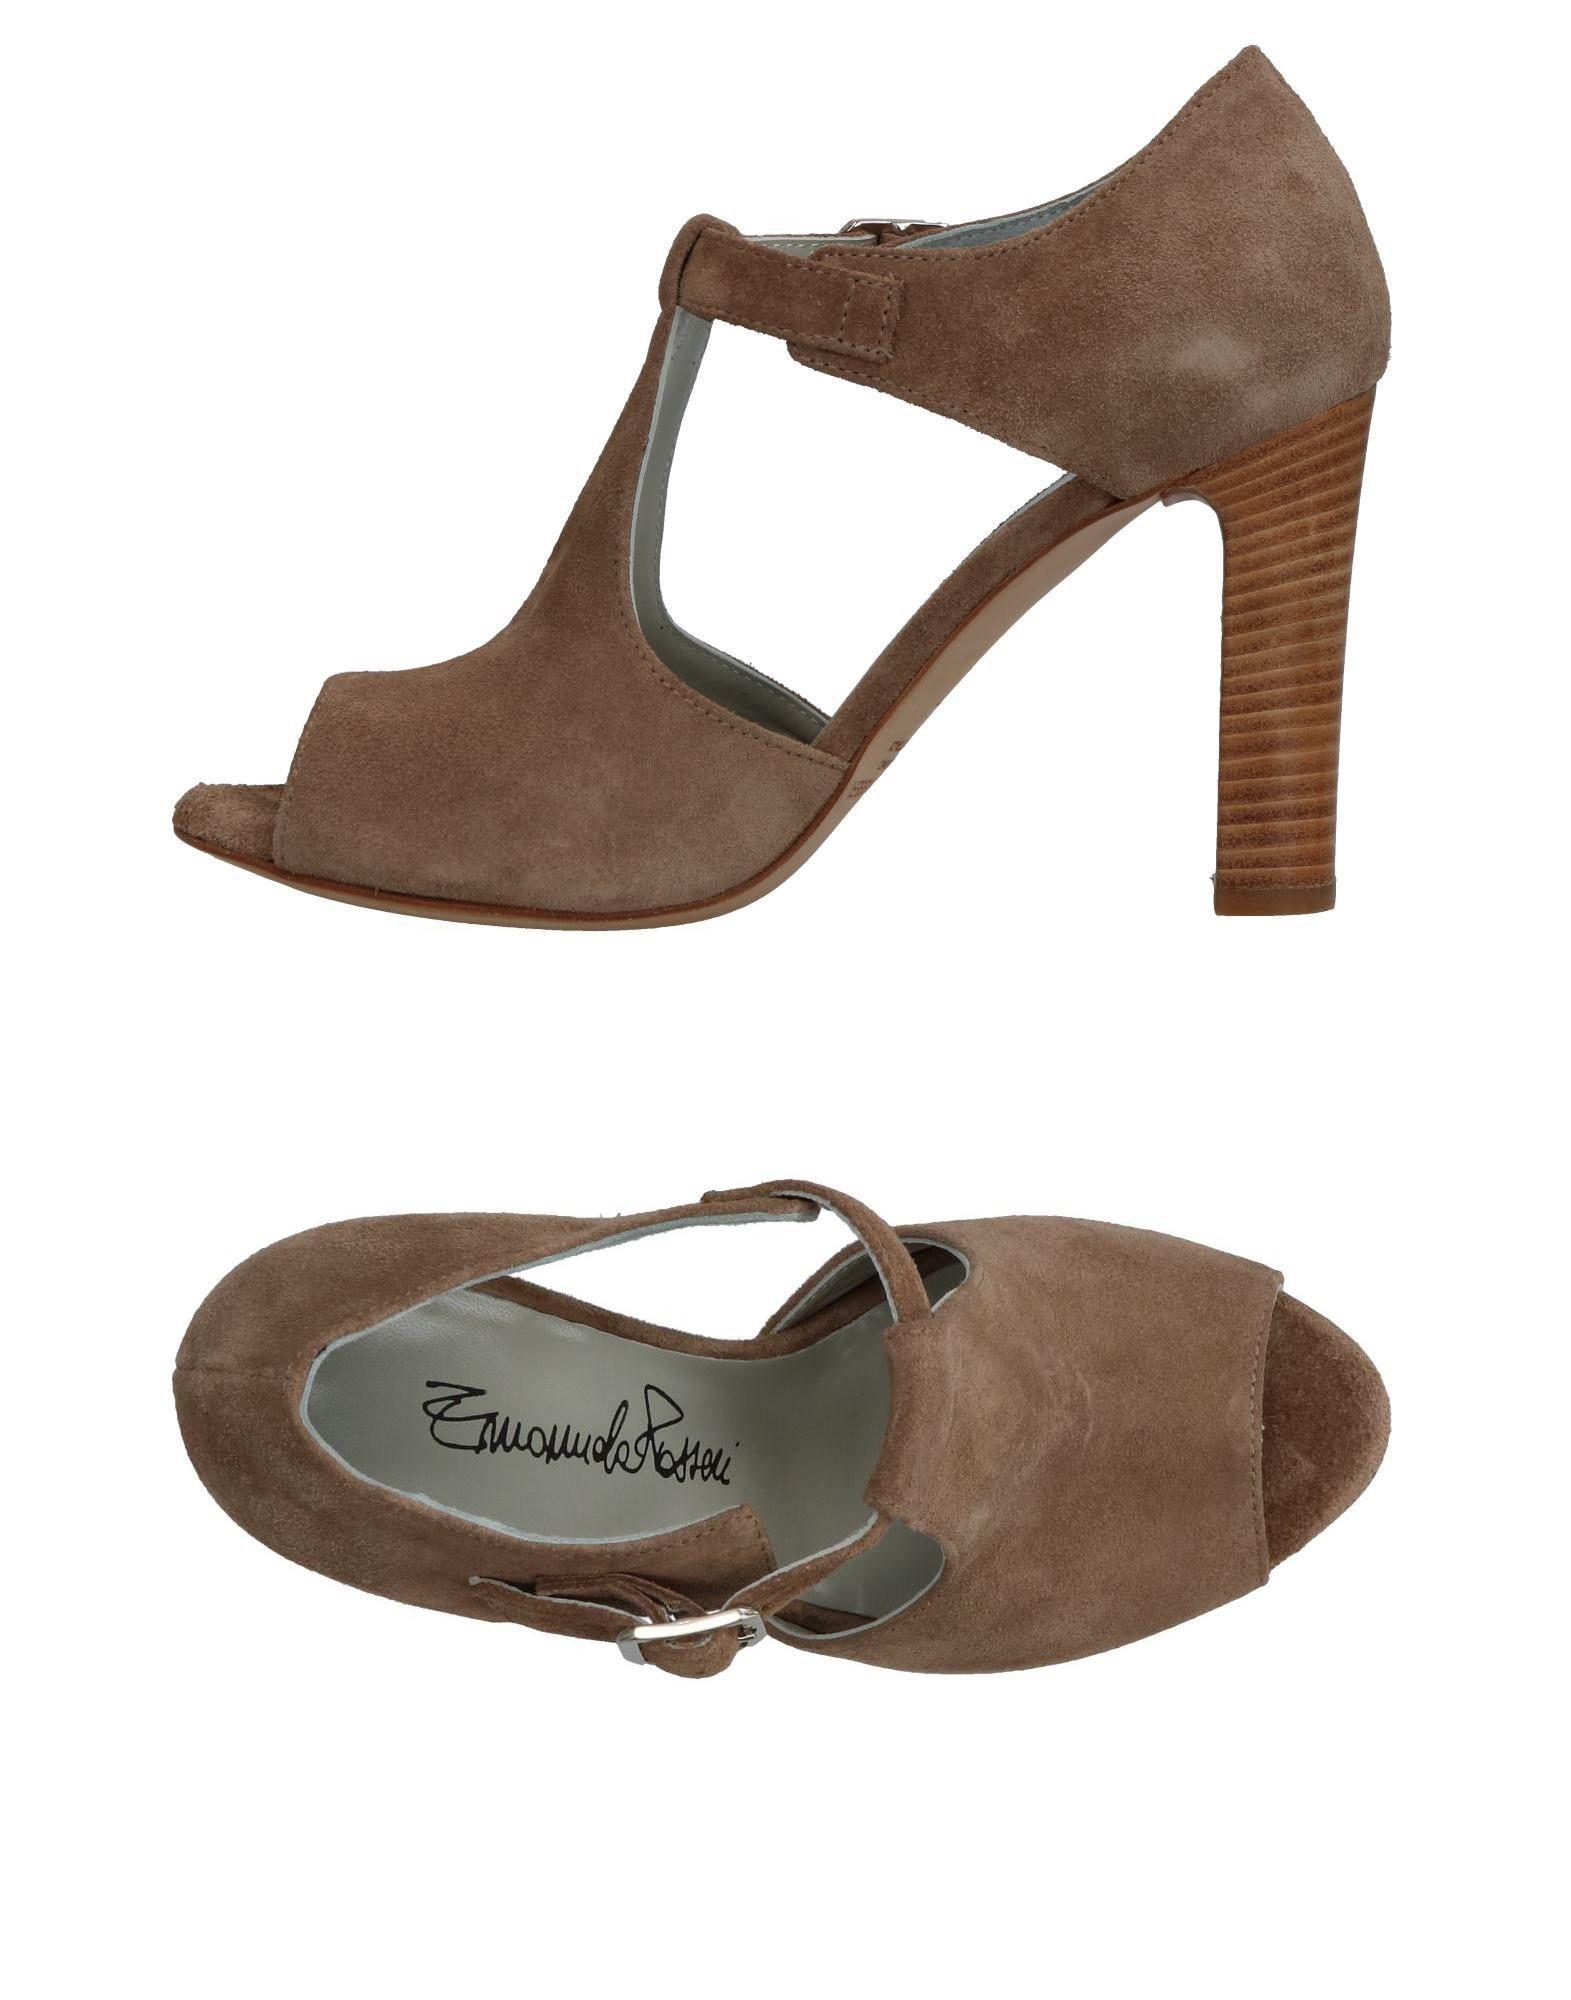 Emanuela Passeri Sandalen Damen  11331712EX Gute Qualität beliebte Schuhe